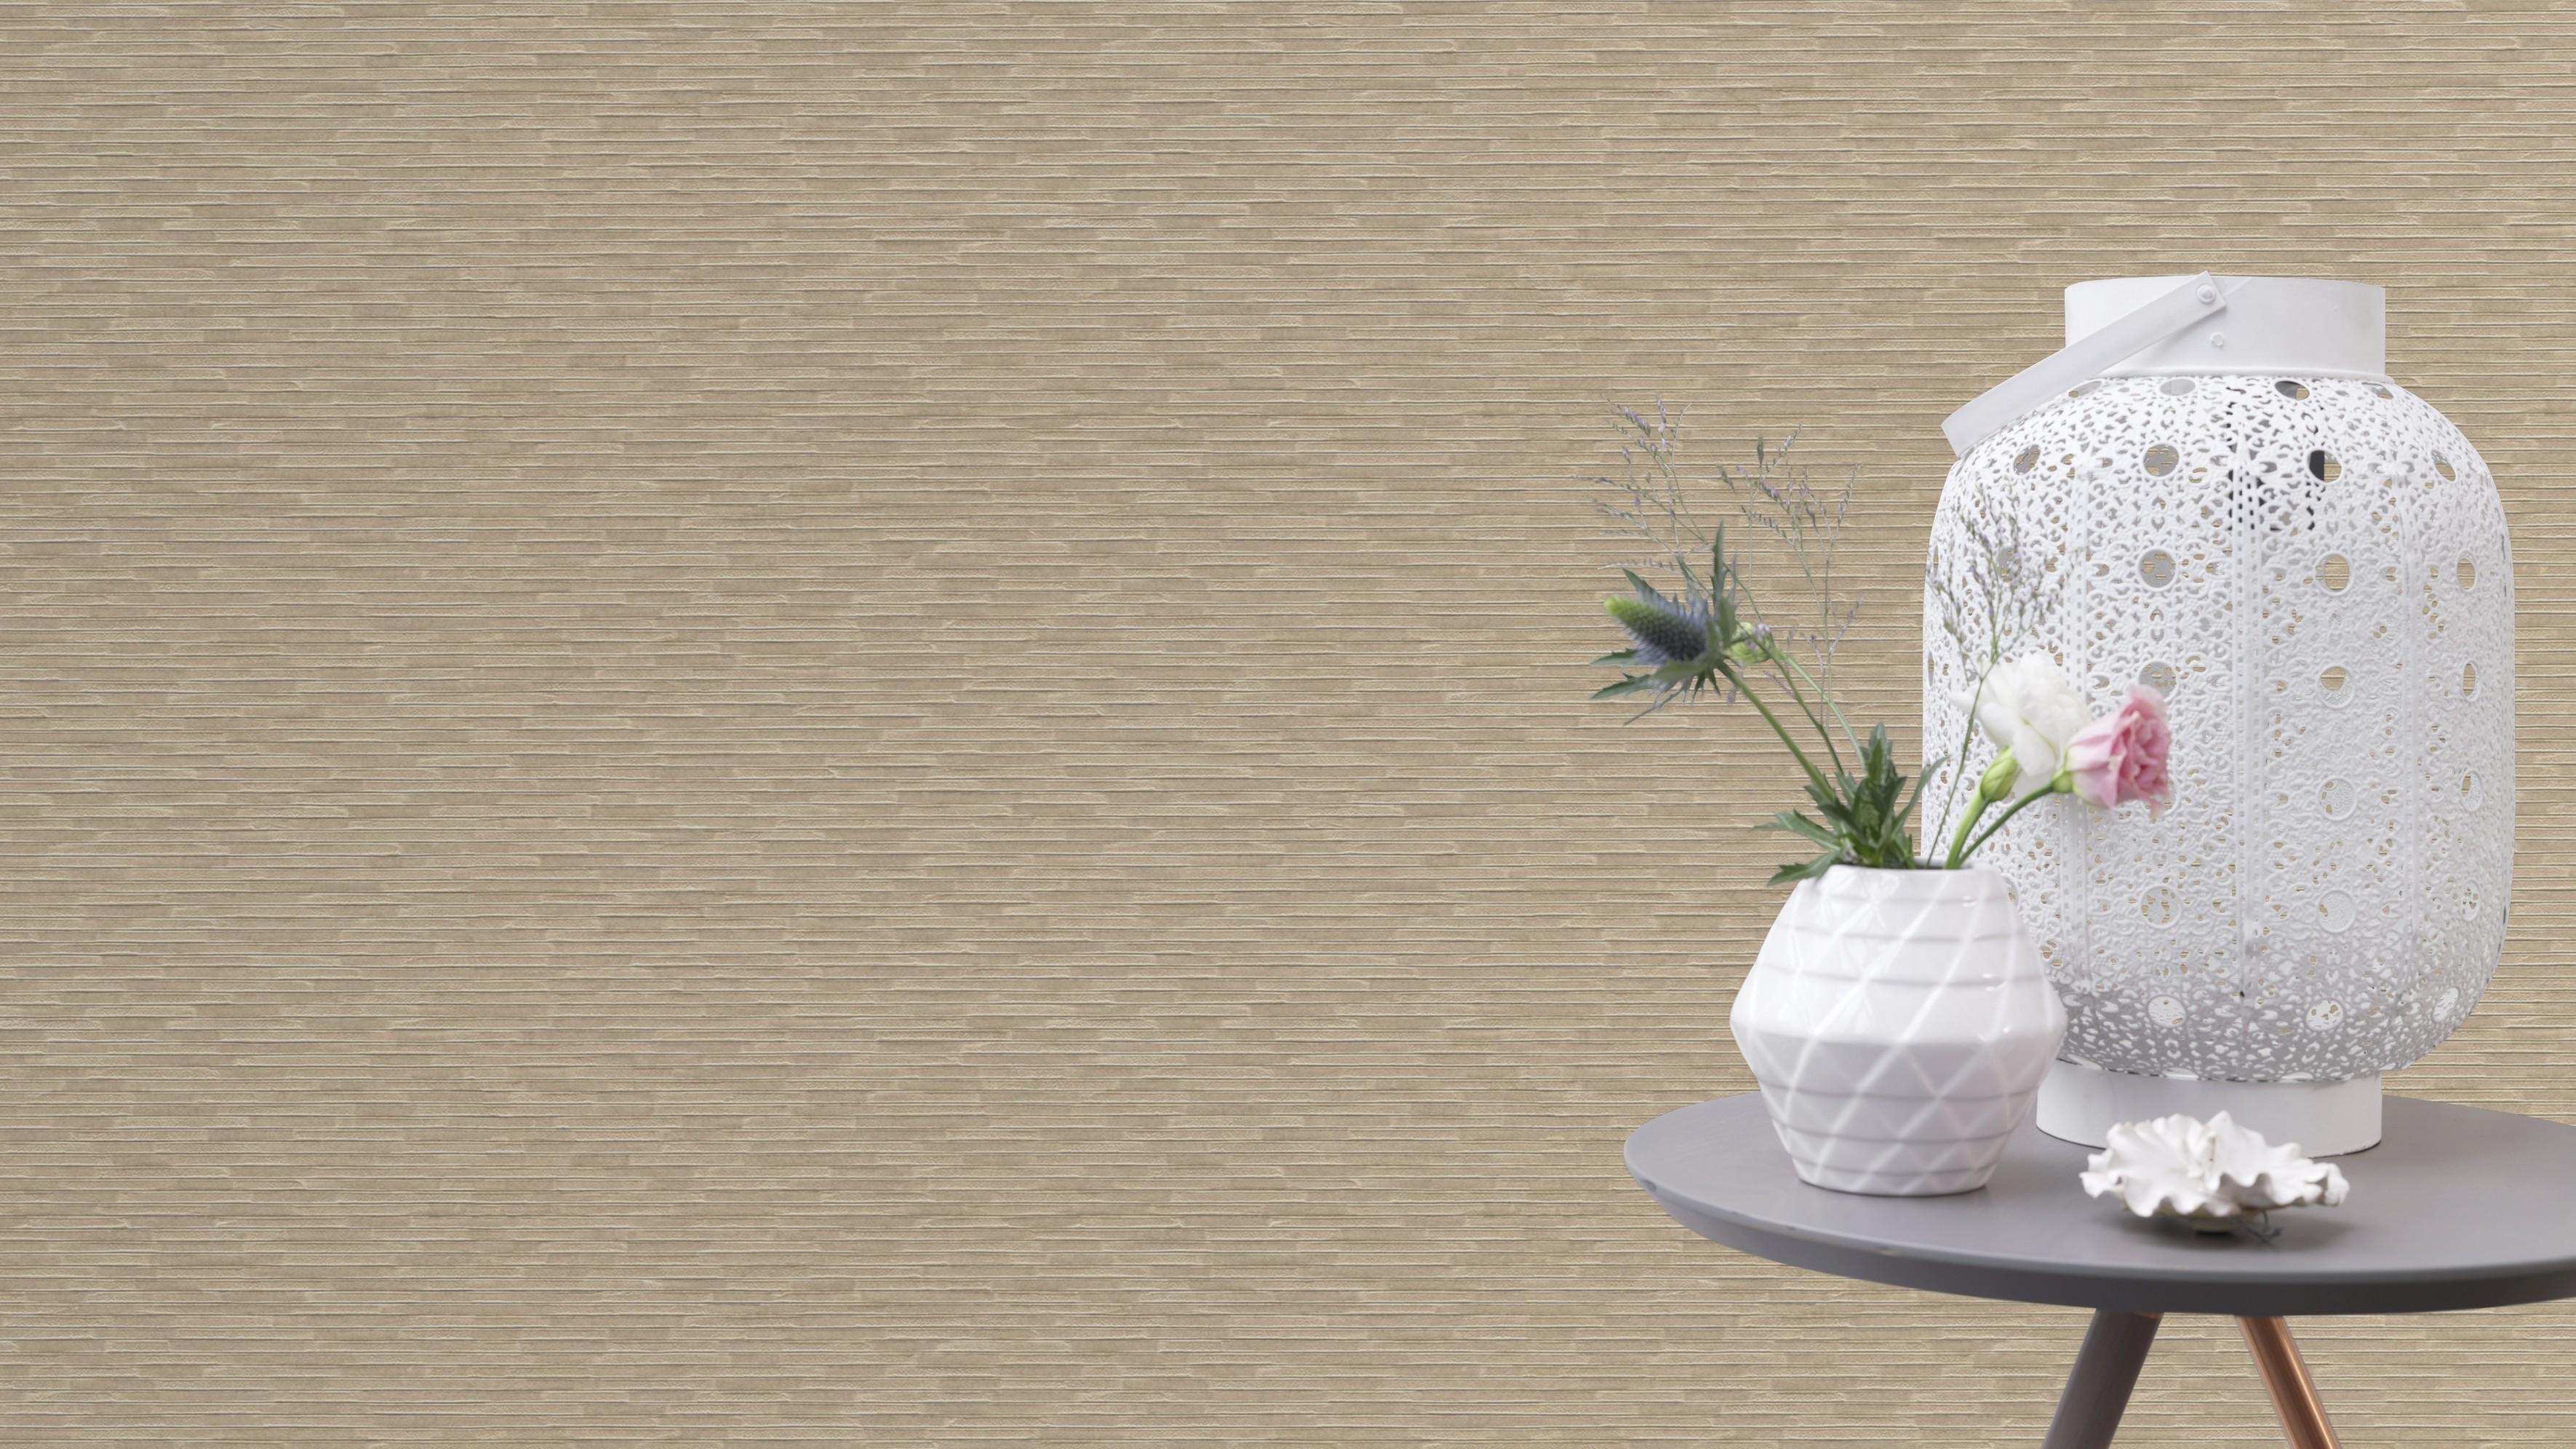 Bézs színű vízszintes csíkos tapéta gyöngyházfénnyel